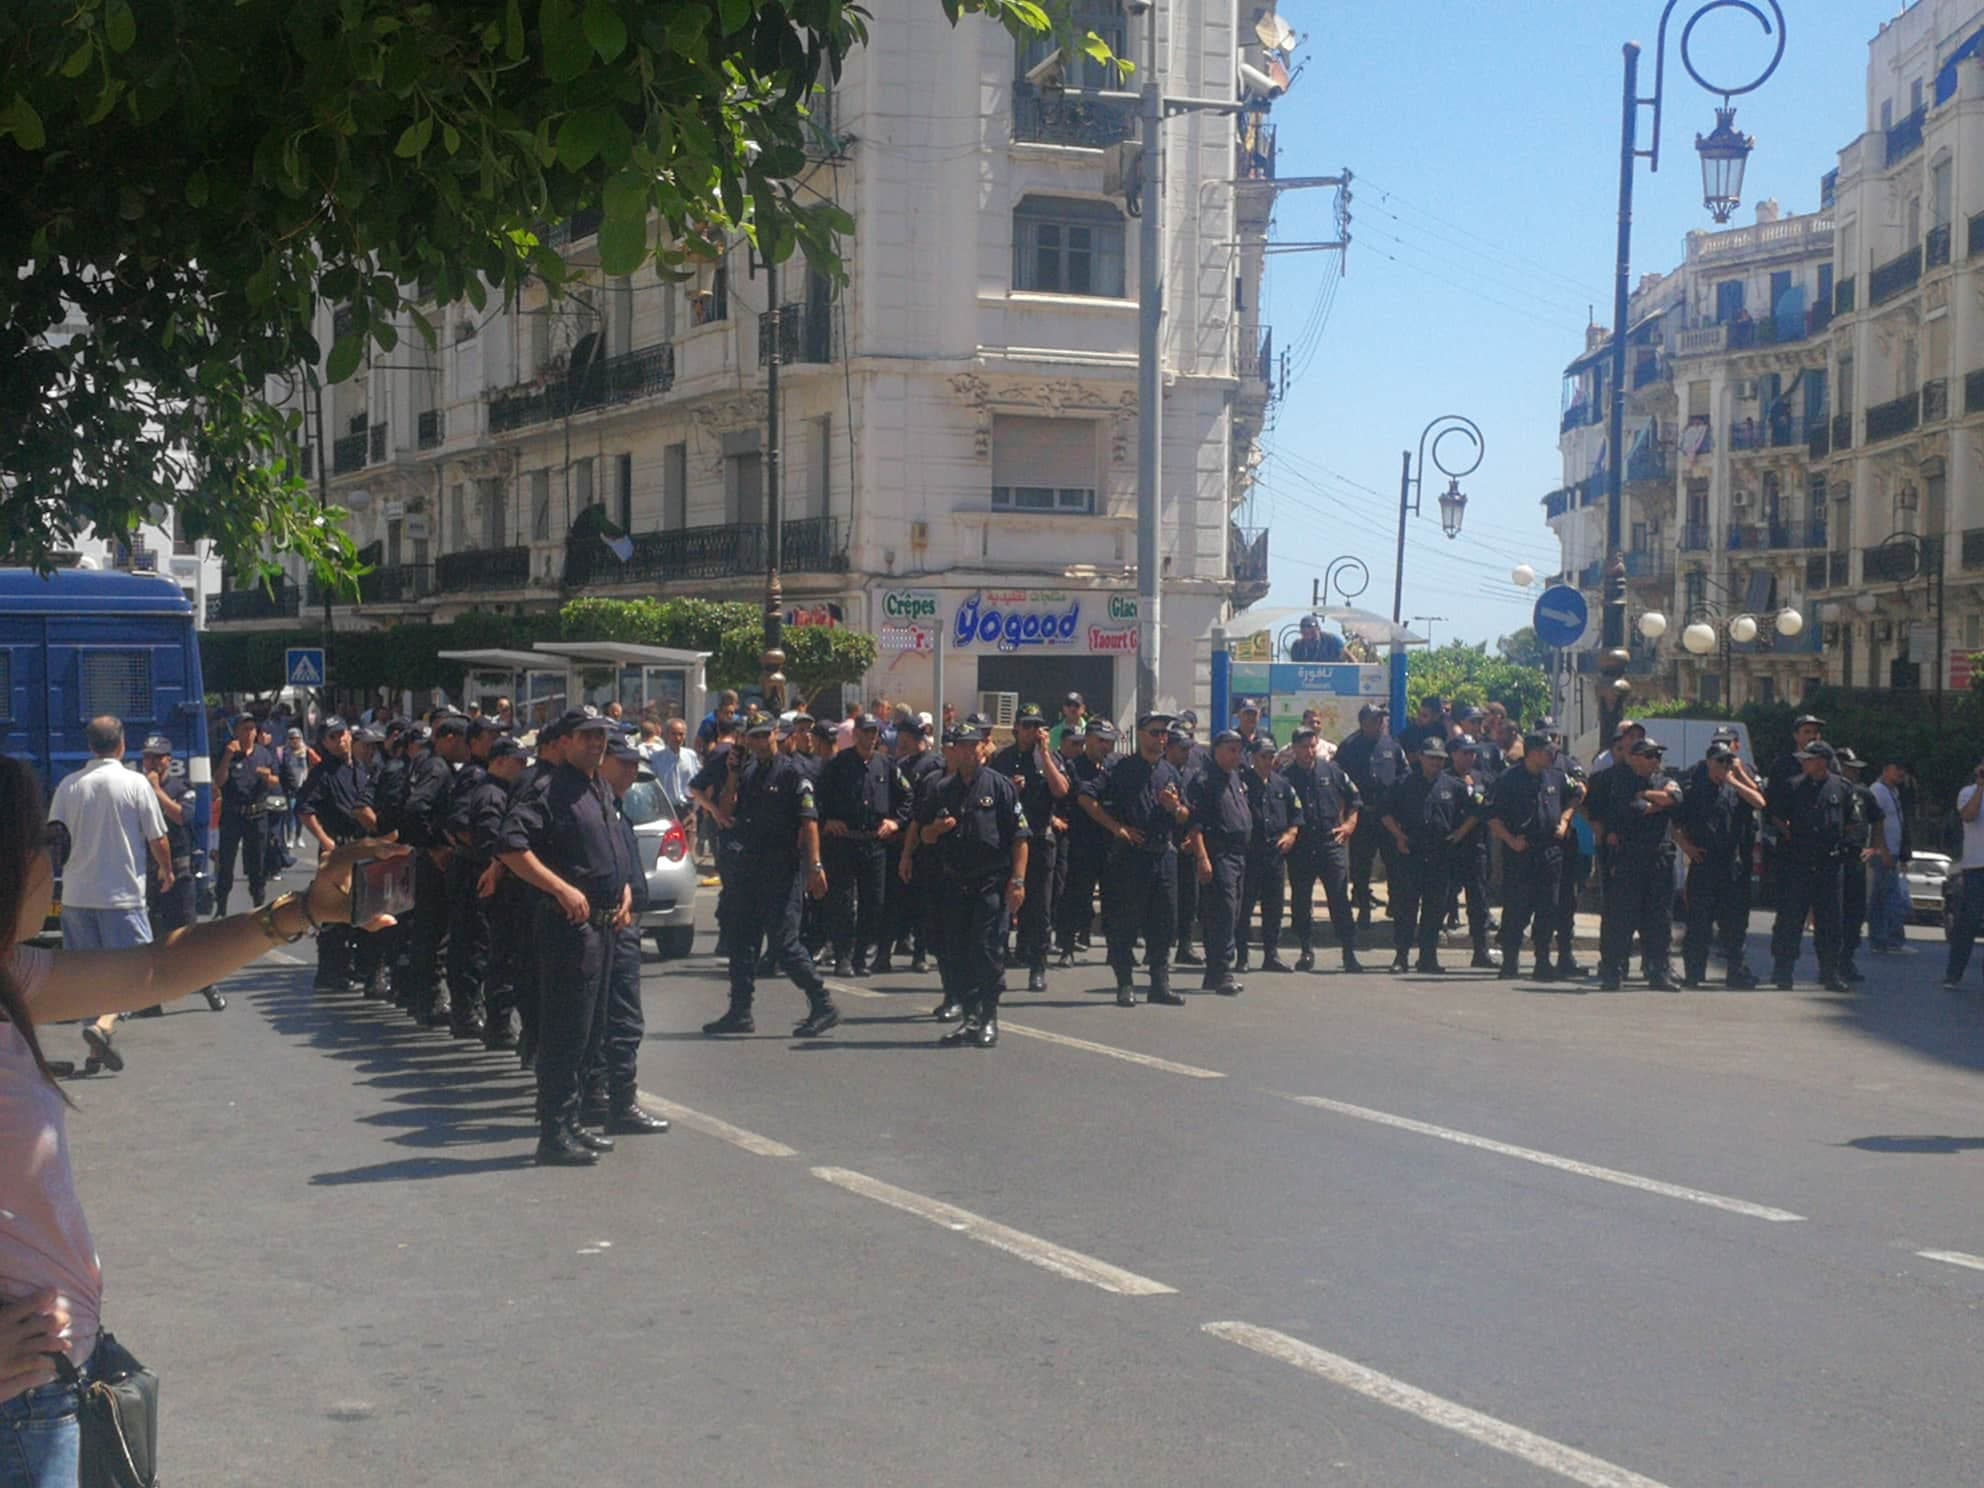 سد أمني لمنع المتظاهرين من السير نحو ساحة البريد المركزي